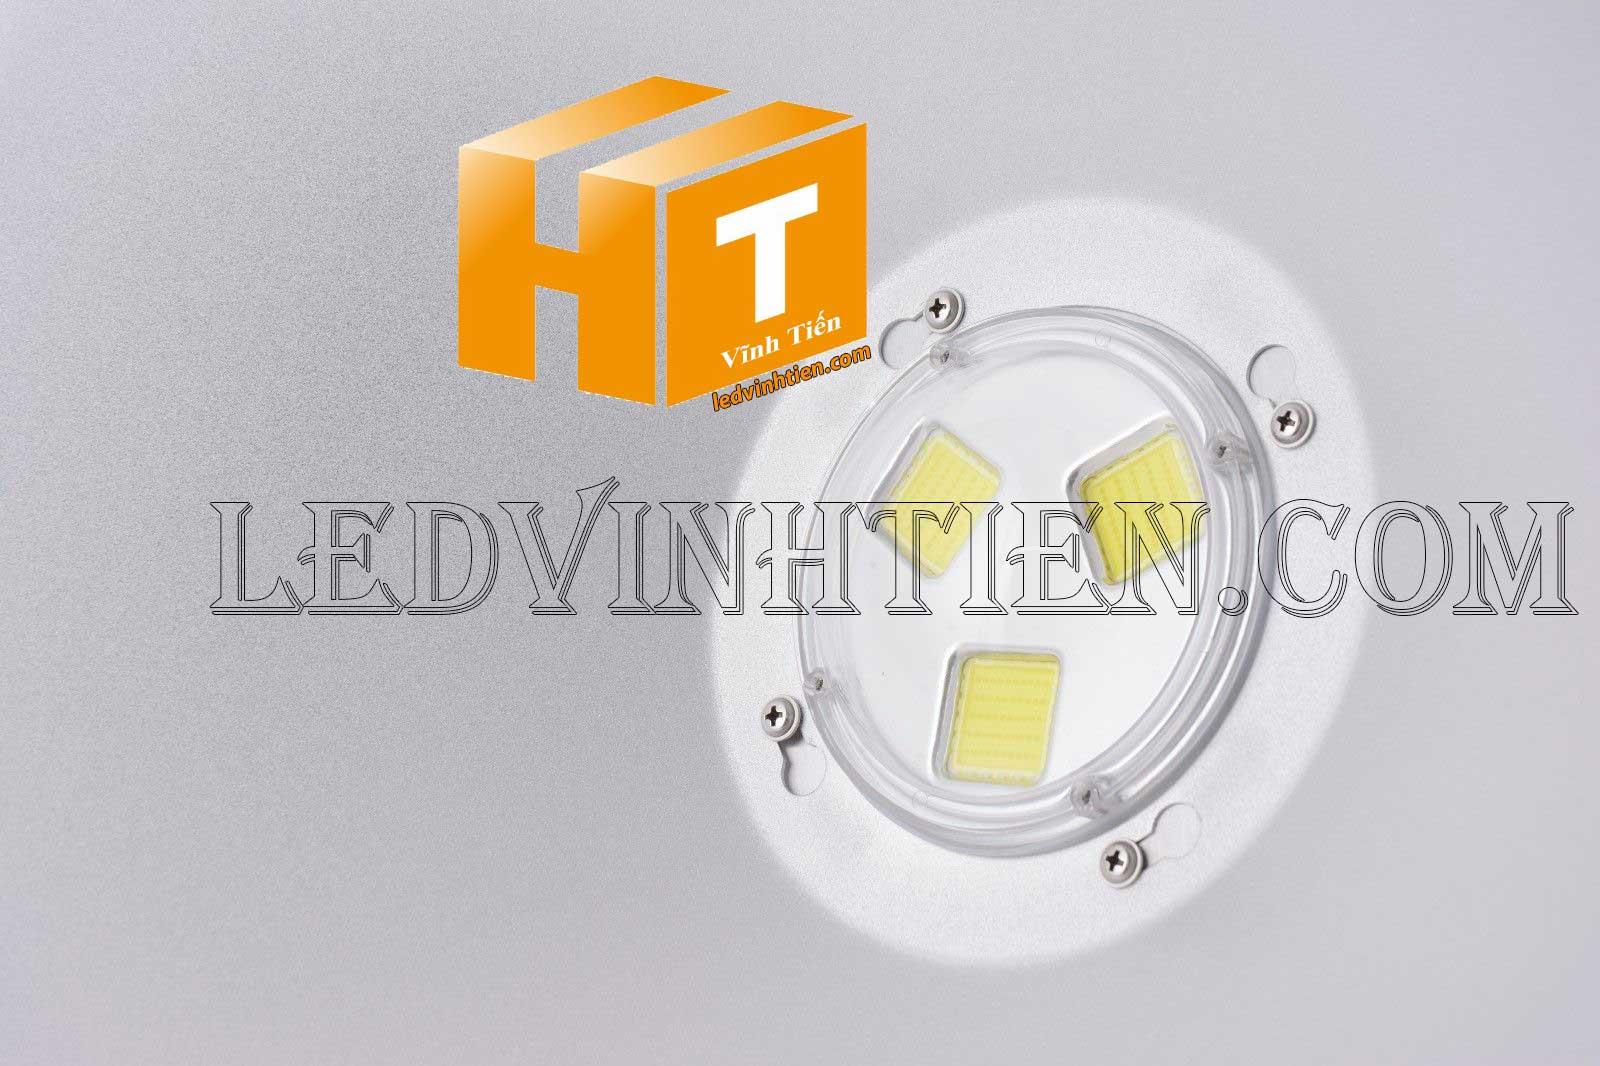 Đèn led nhà xưởng 200W ledvinhtien.com